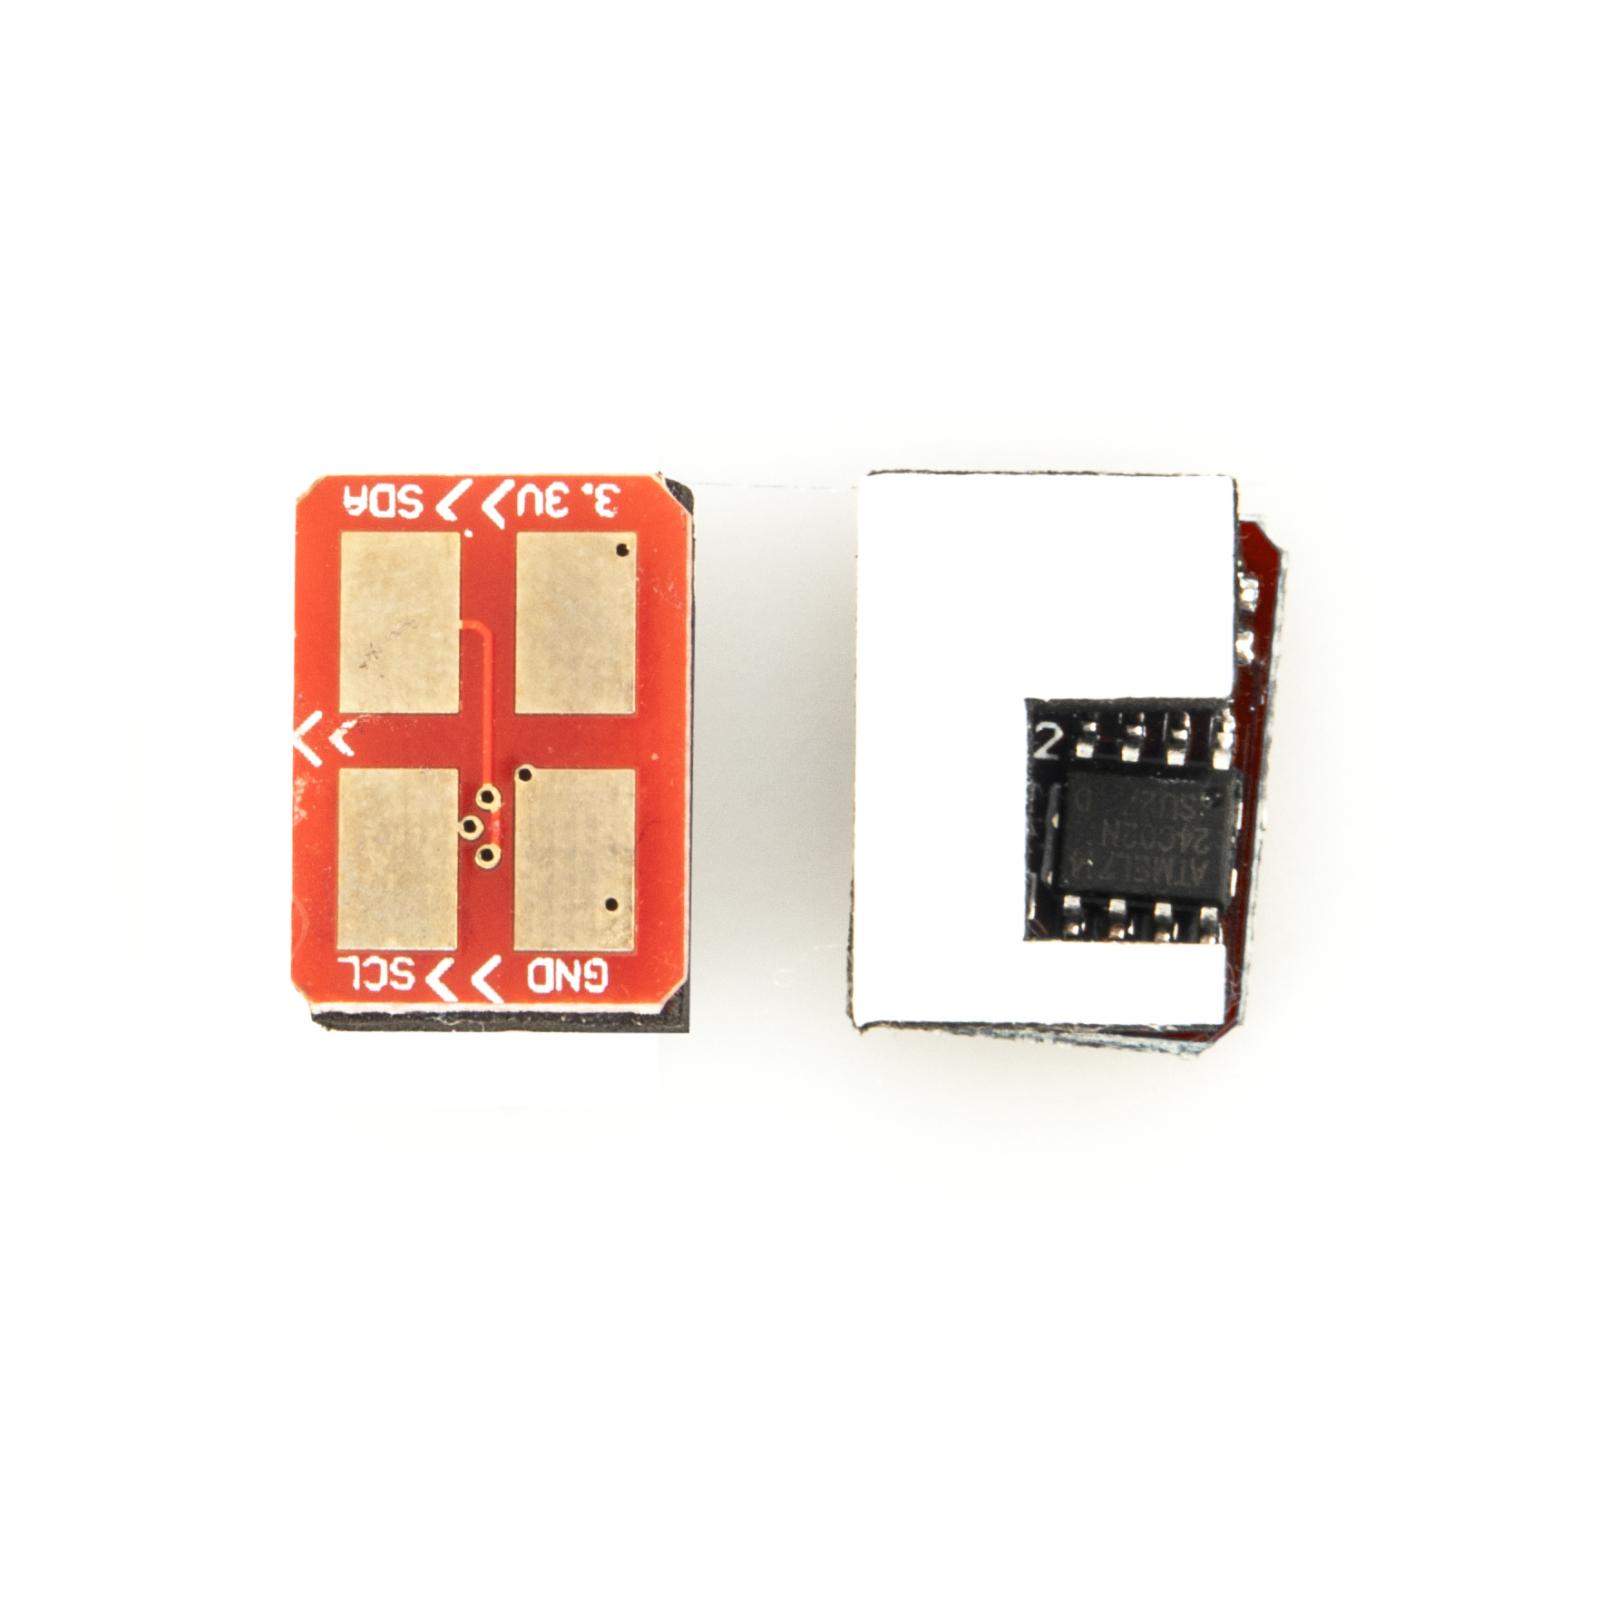 Чип для картриджа SAMSUNG CLP-300 1K MAGENTA Everprint (ALS-M300-1K)